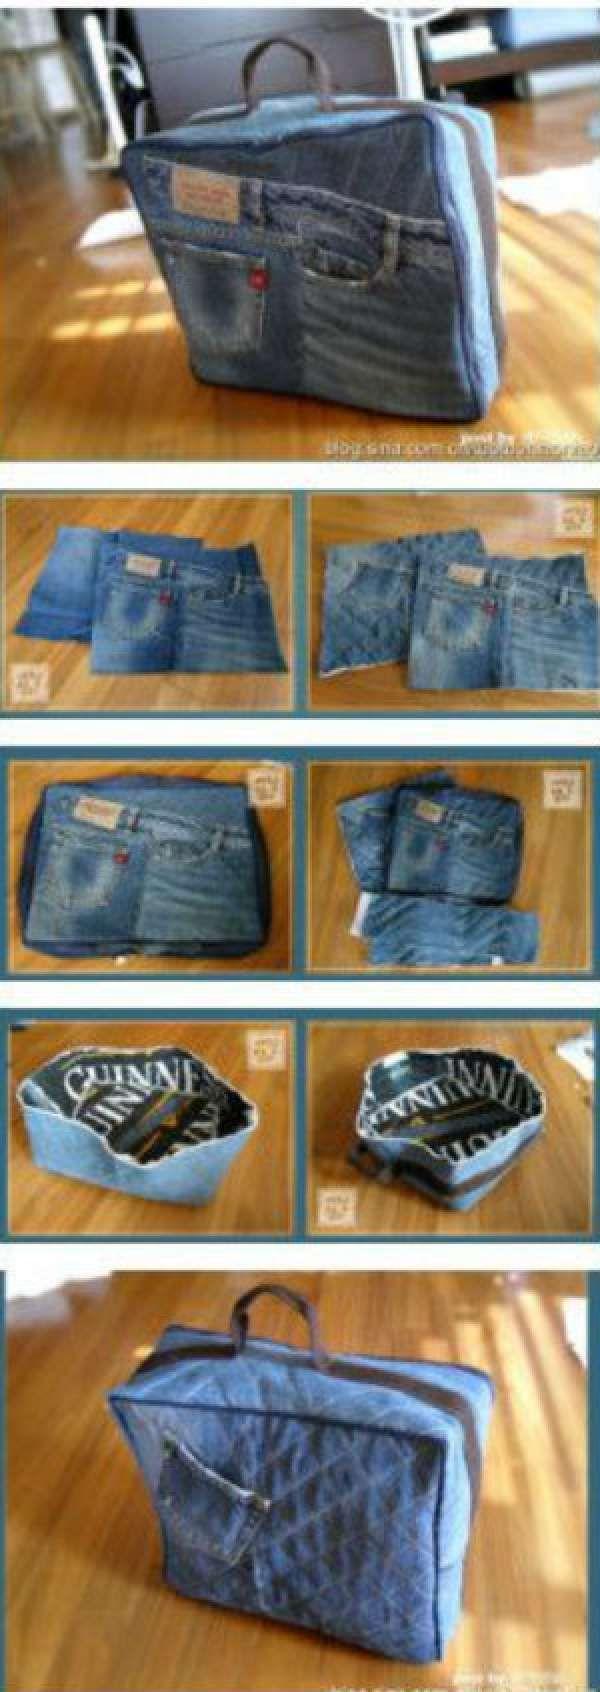 Kleiner Koffer.14 Wunderschöne DIY-Taschen zum Basteln mit alten Jeans